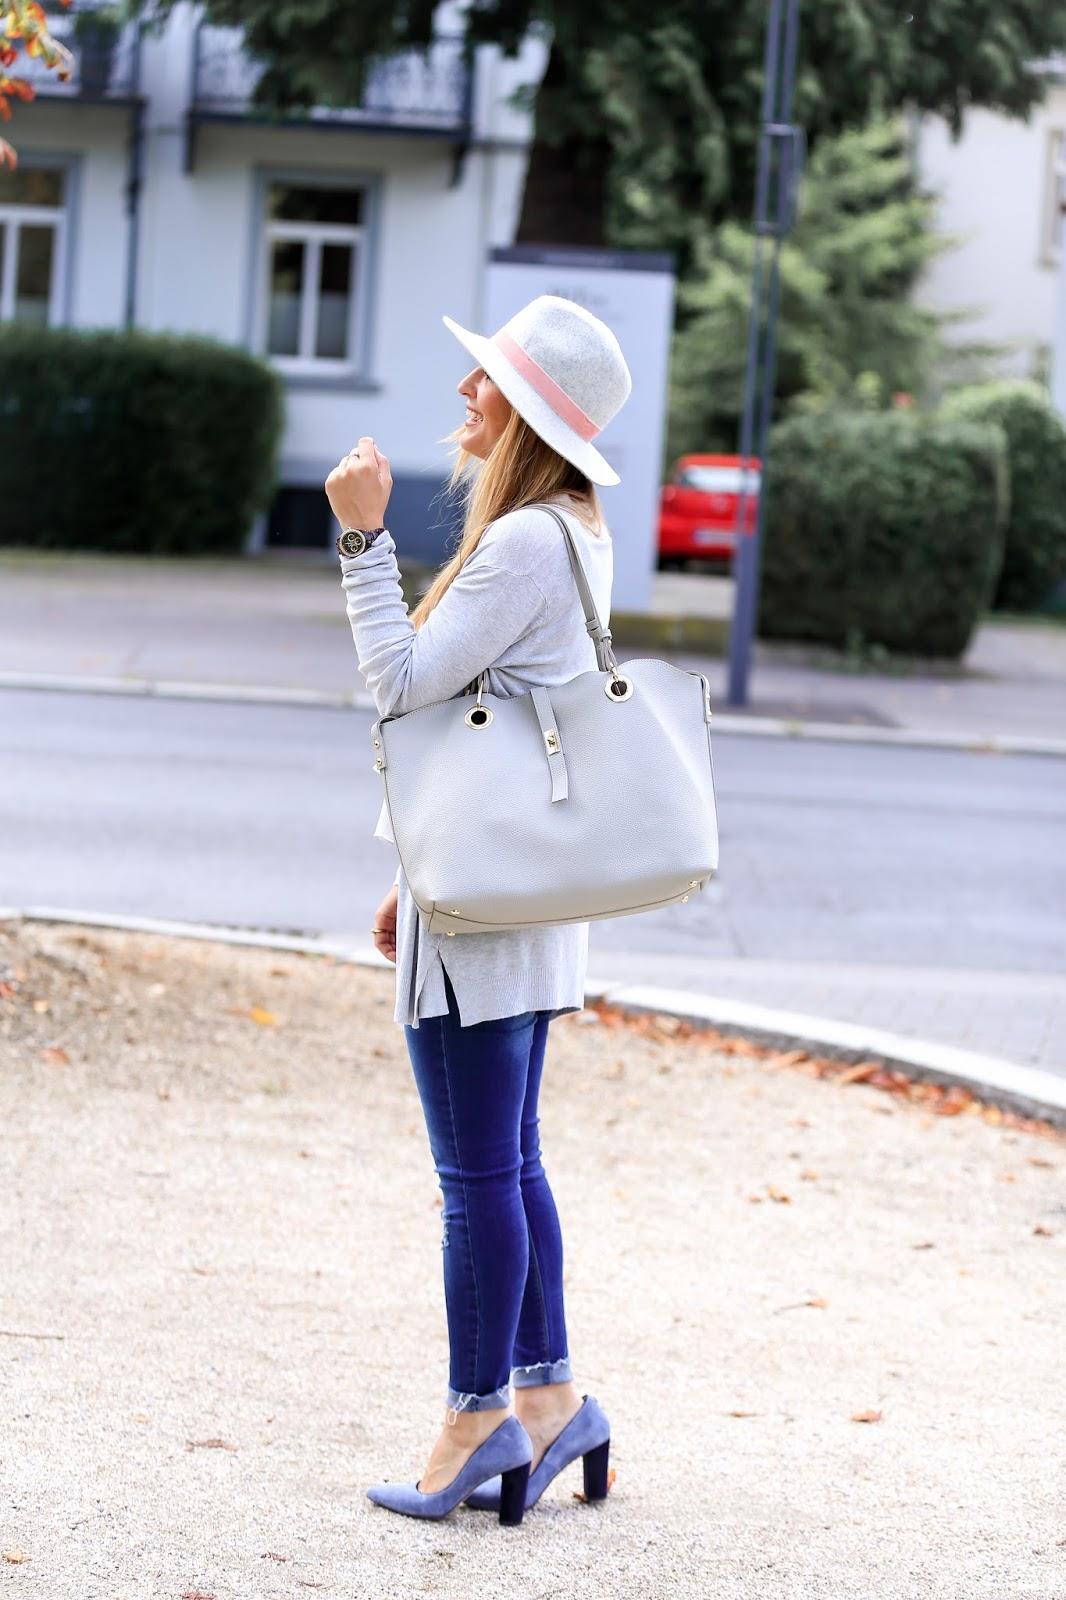 wie-trägt-,man--strickjacken-Wie-trage-ich-einen - grauen-fedora-hut-richtig-kombinieren-bloggerstyle-fashionstylebyjohanna-blogger-aus-deutschland1